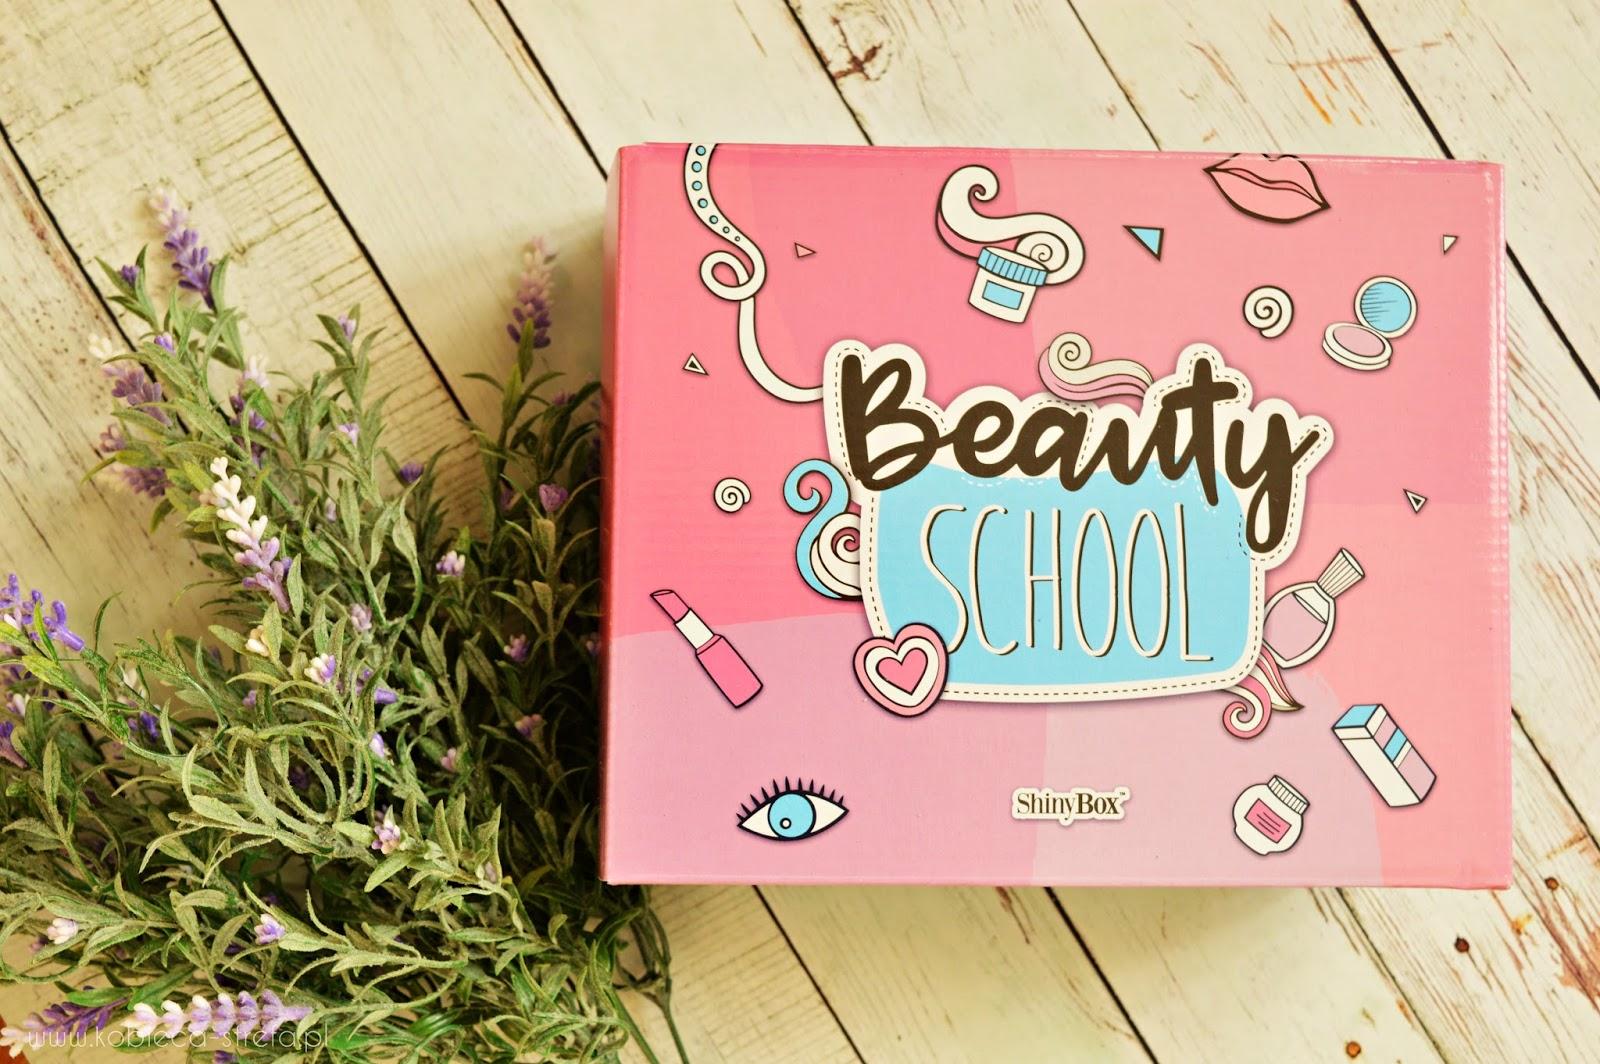 Beauty School - wrześniowe pudełko Shinybox